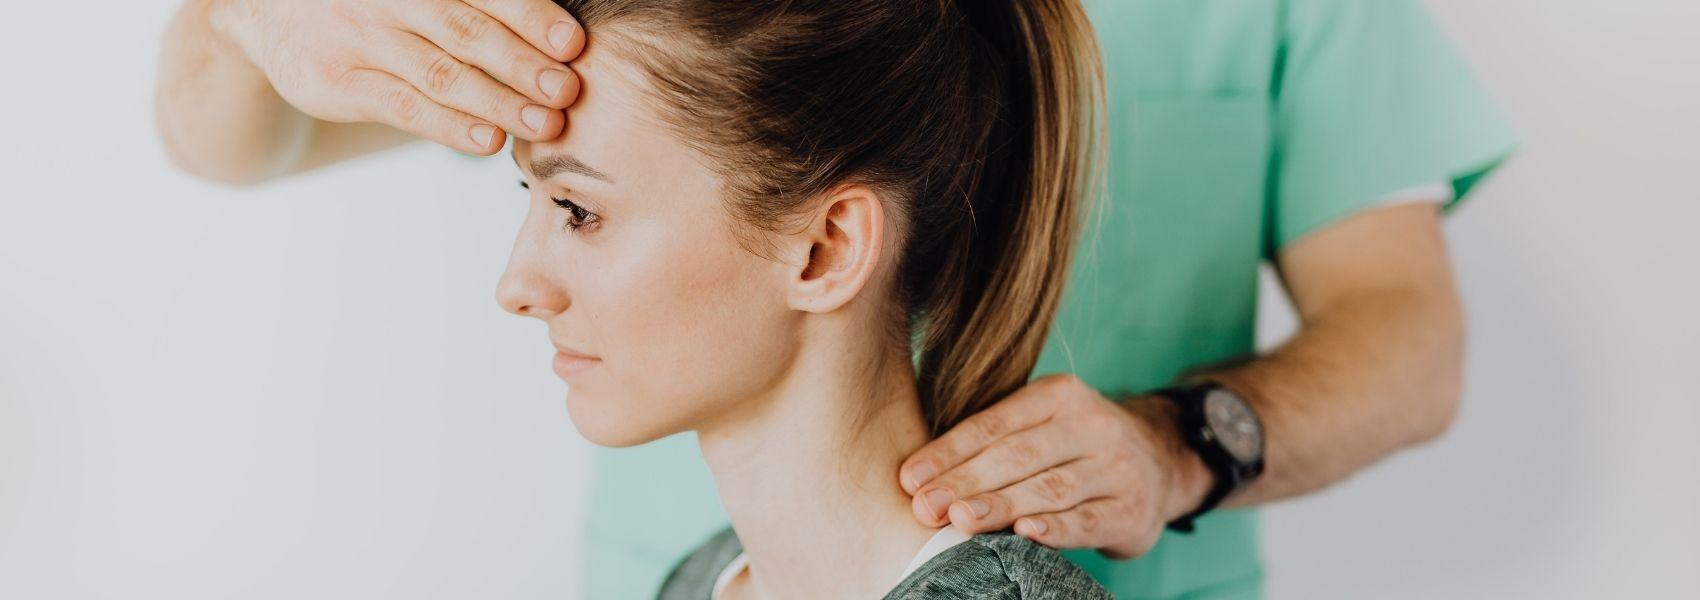 cancro da cabeça e do pescoço